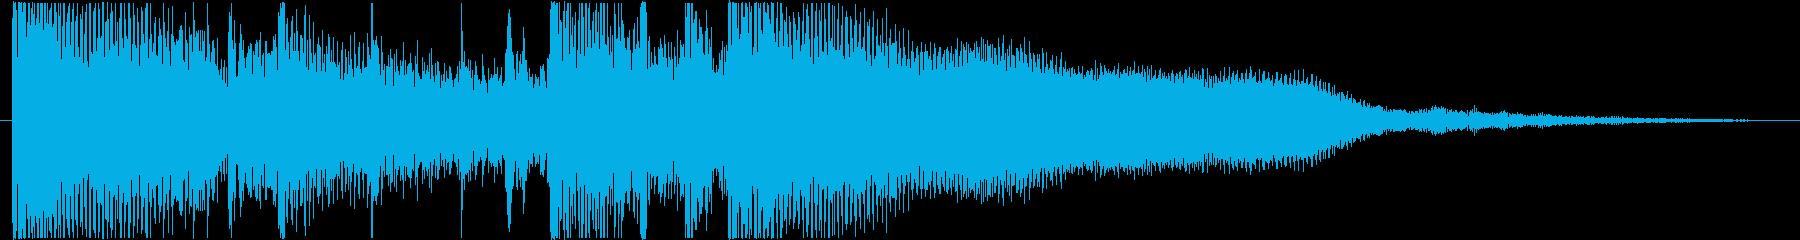 スムースジャズ、アコースティックポ...の再生済みの波形